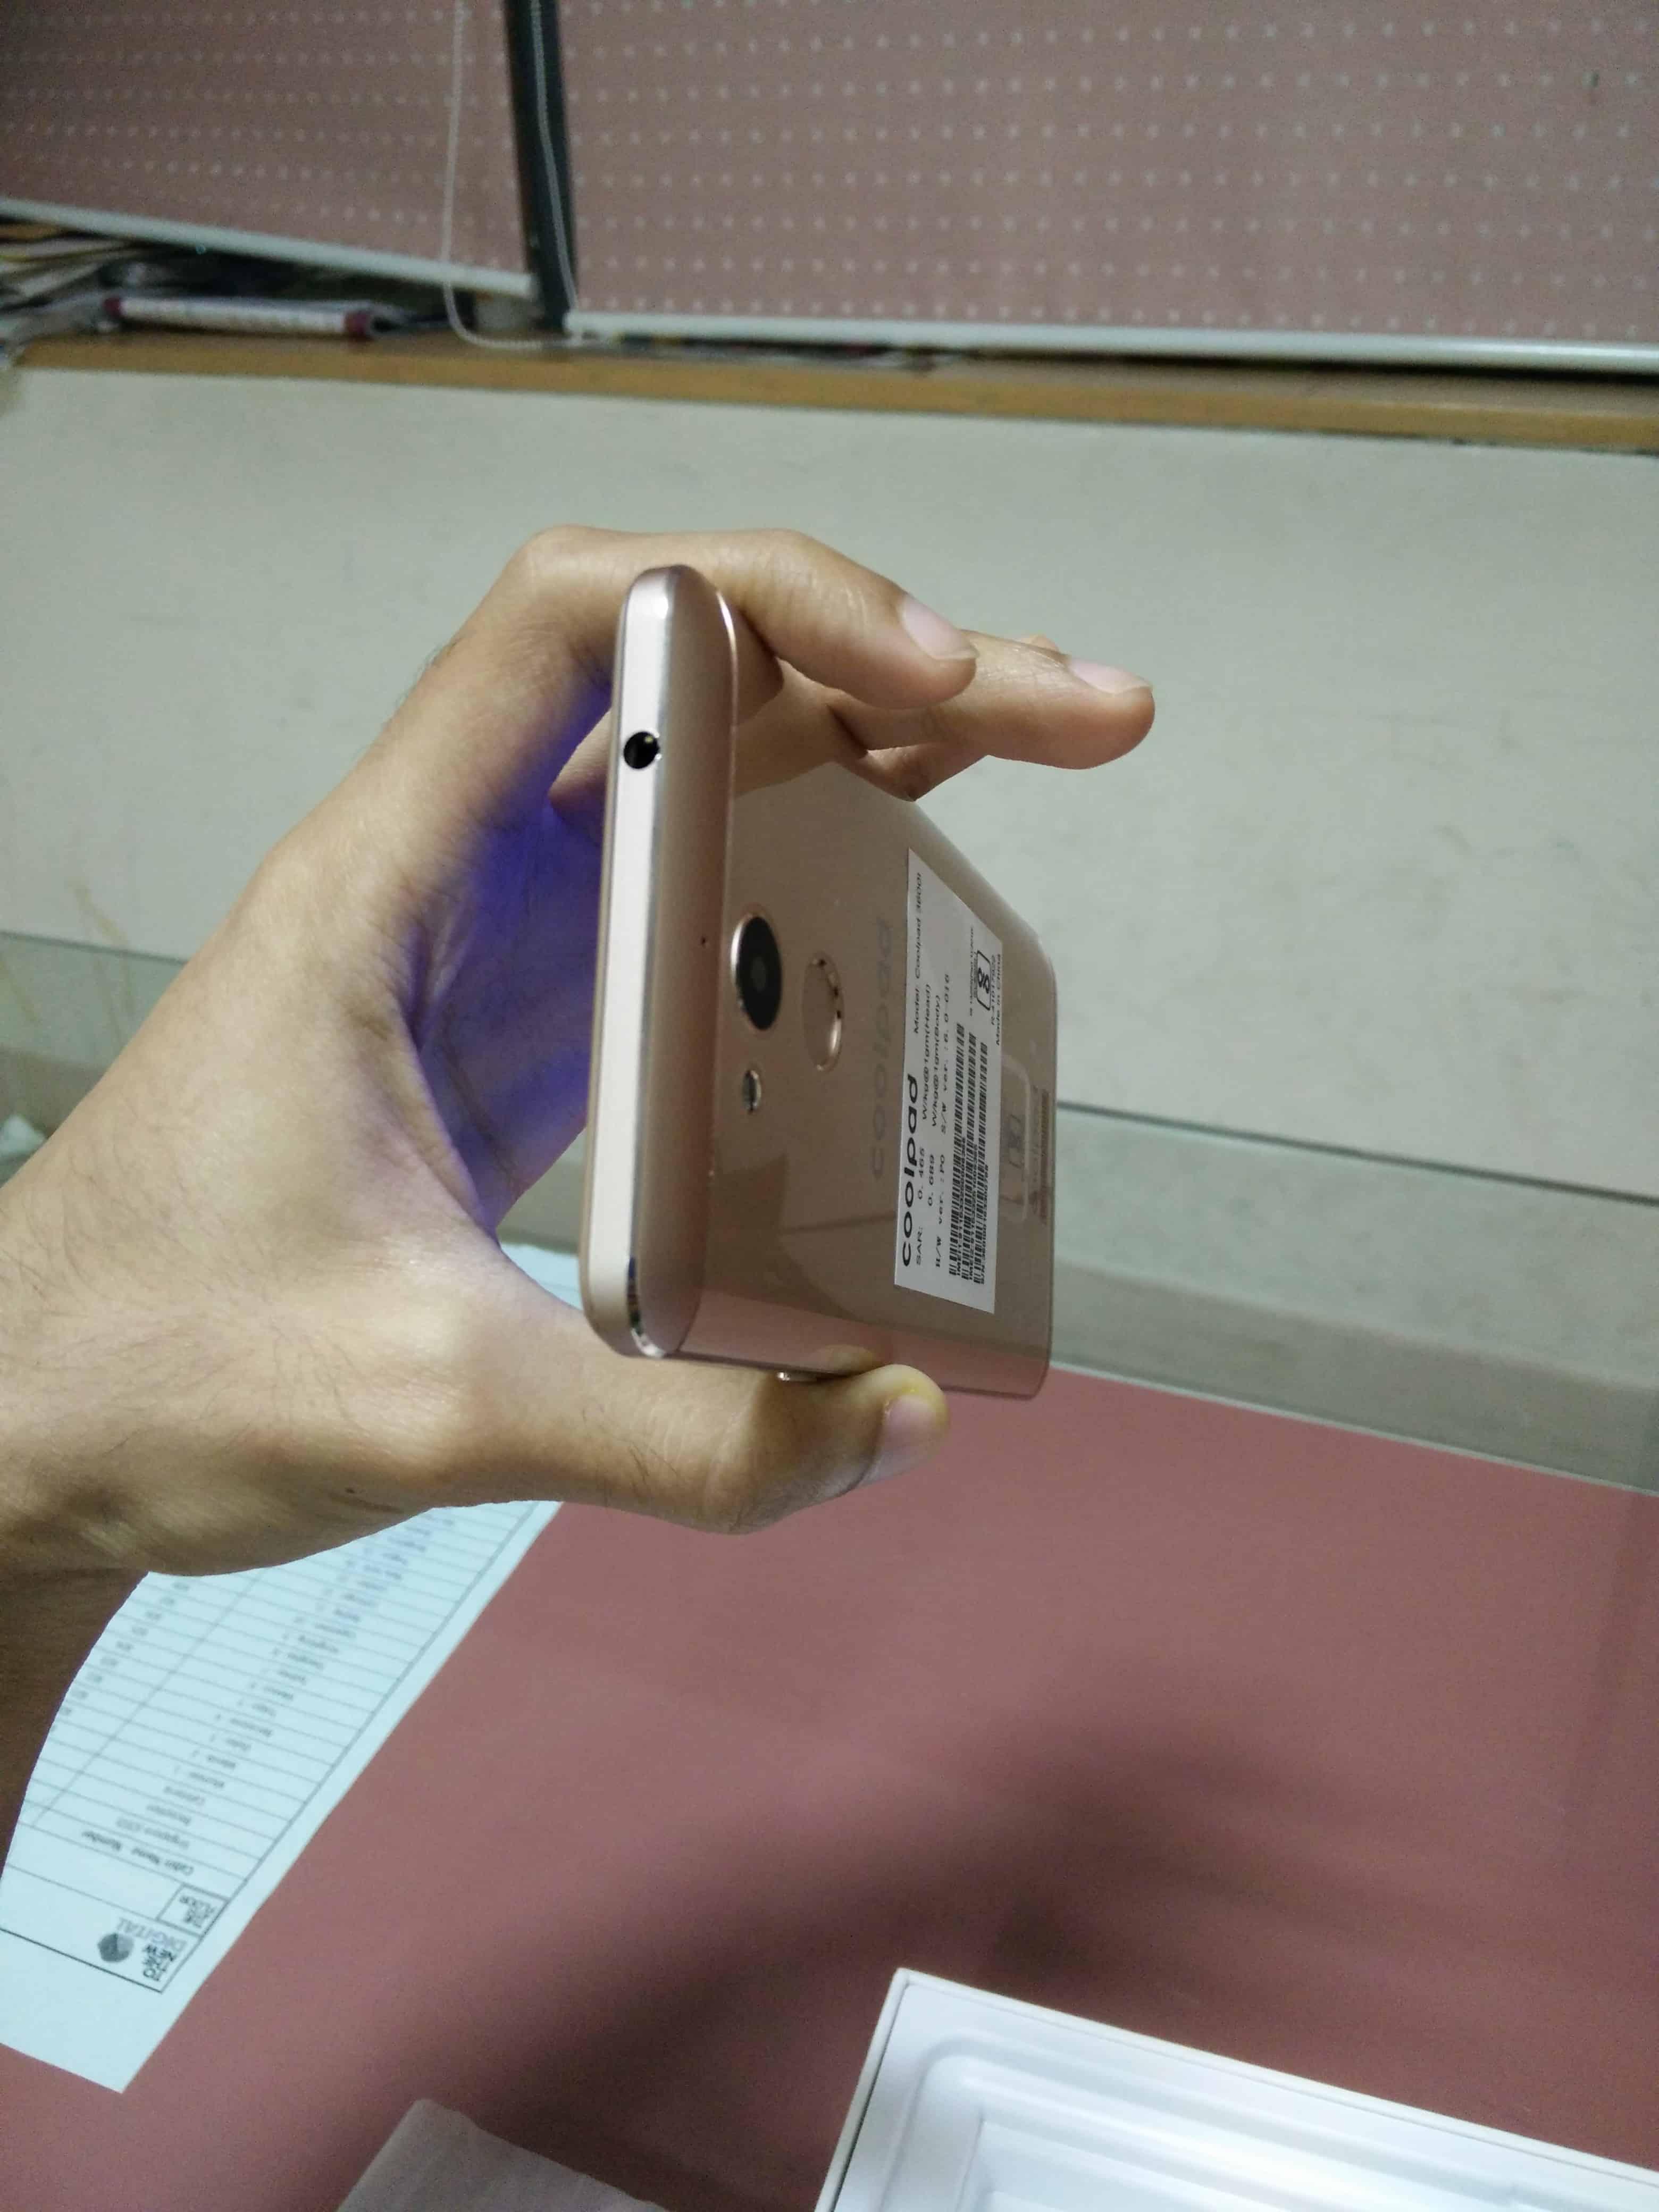 finger-print-scanner-and-camera-on-back